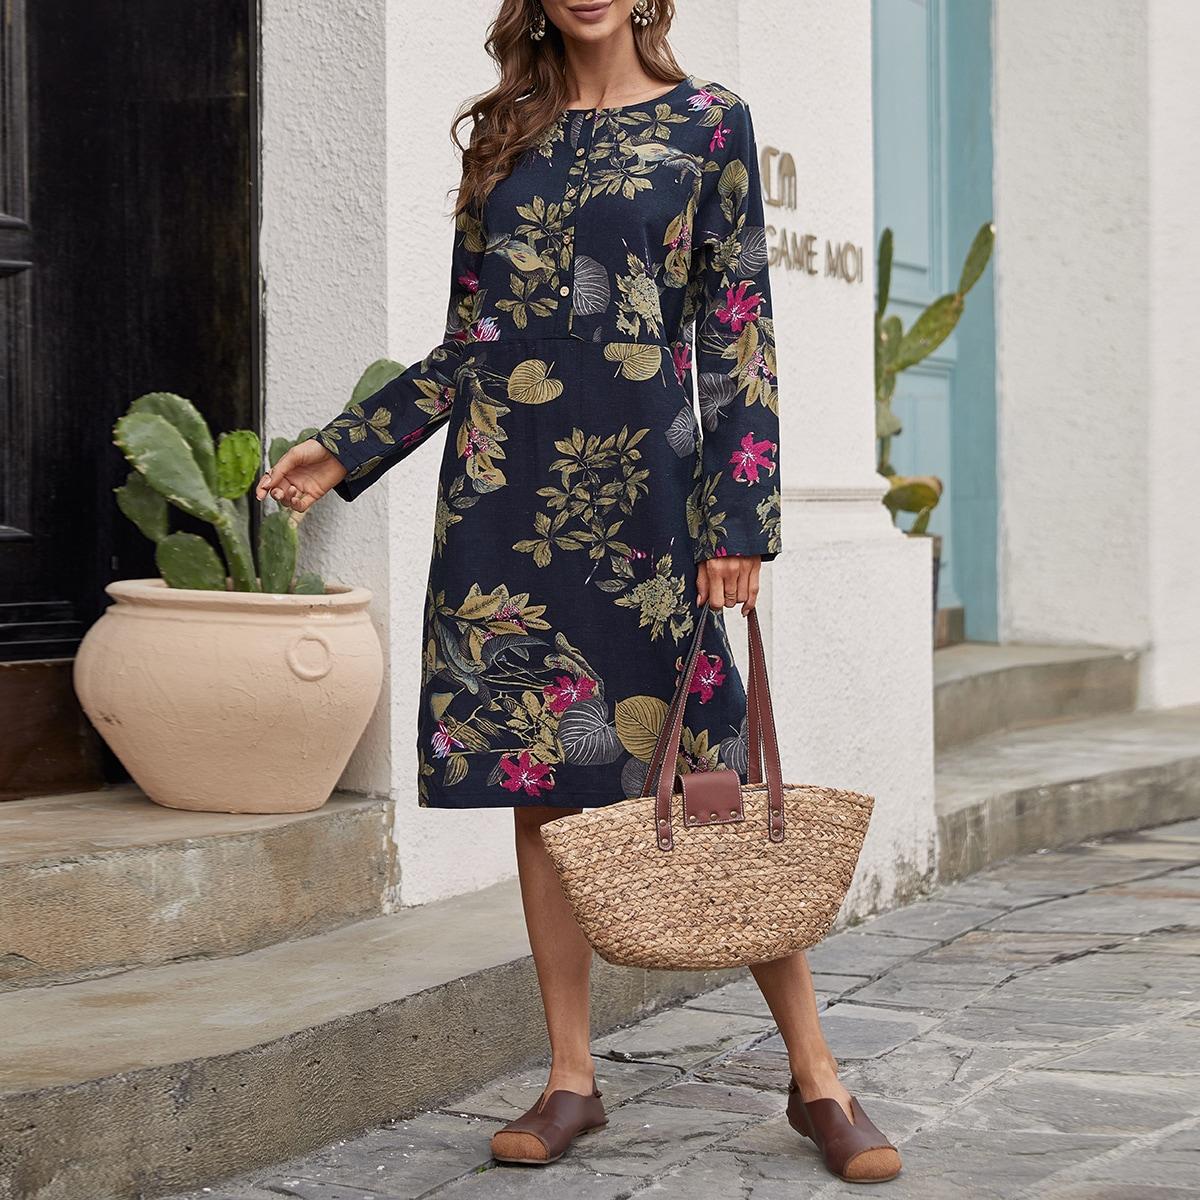 Пуговица Цветочный принт Повседневный Платье